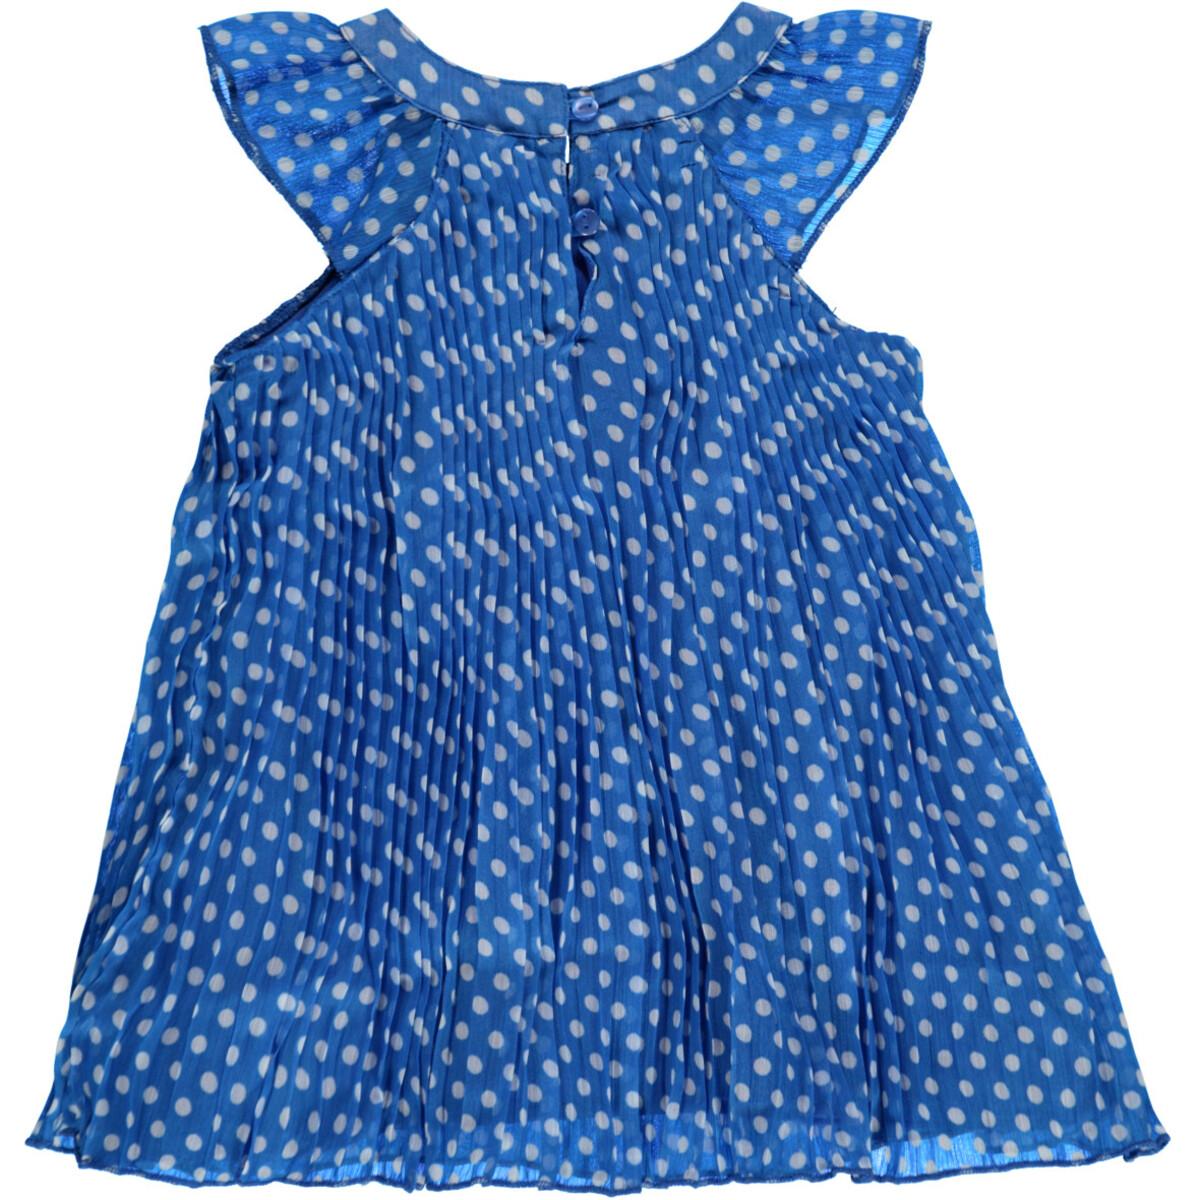 Bild 2 von Baby Kleid mit Flügelarm